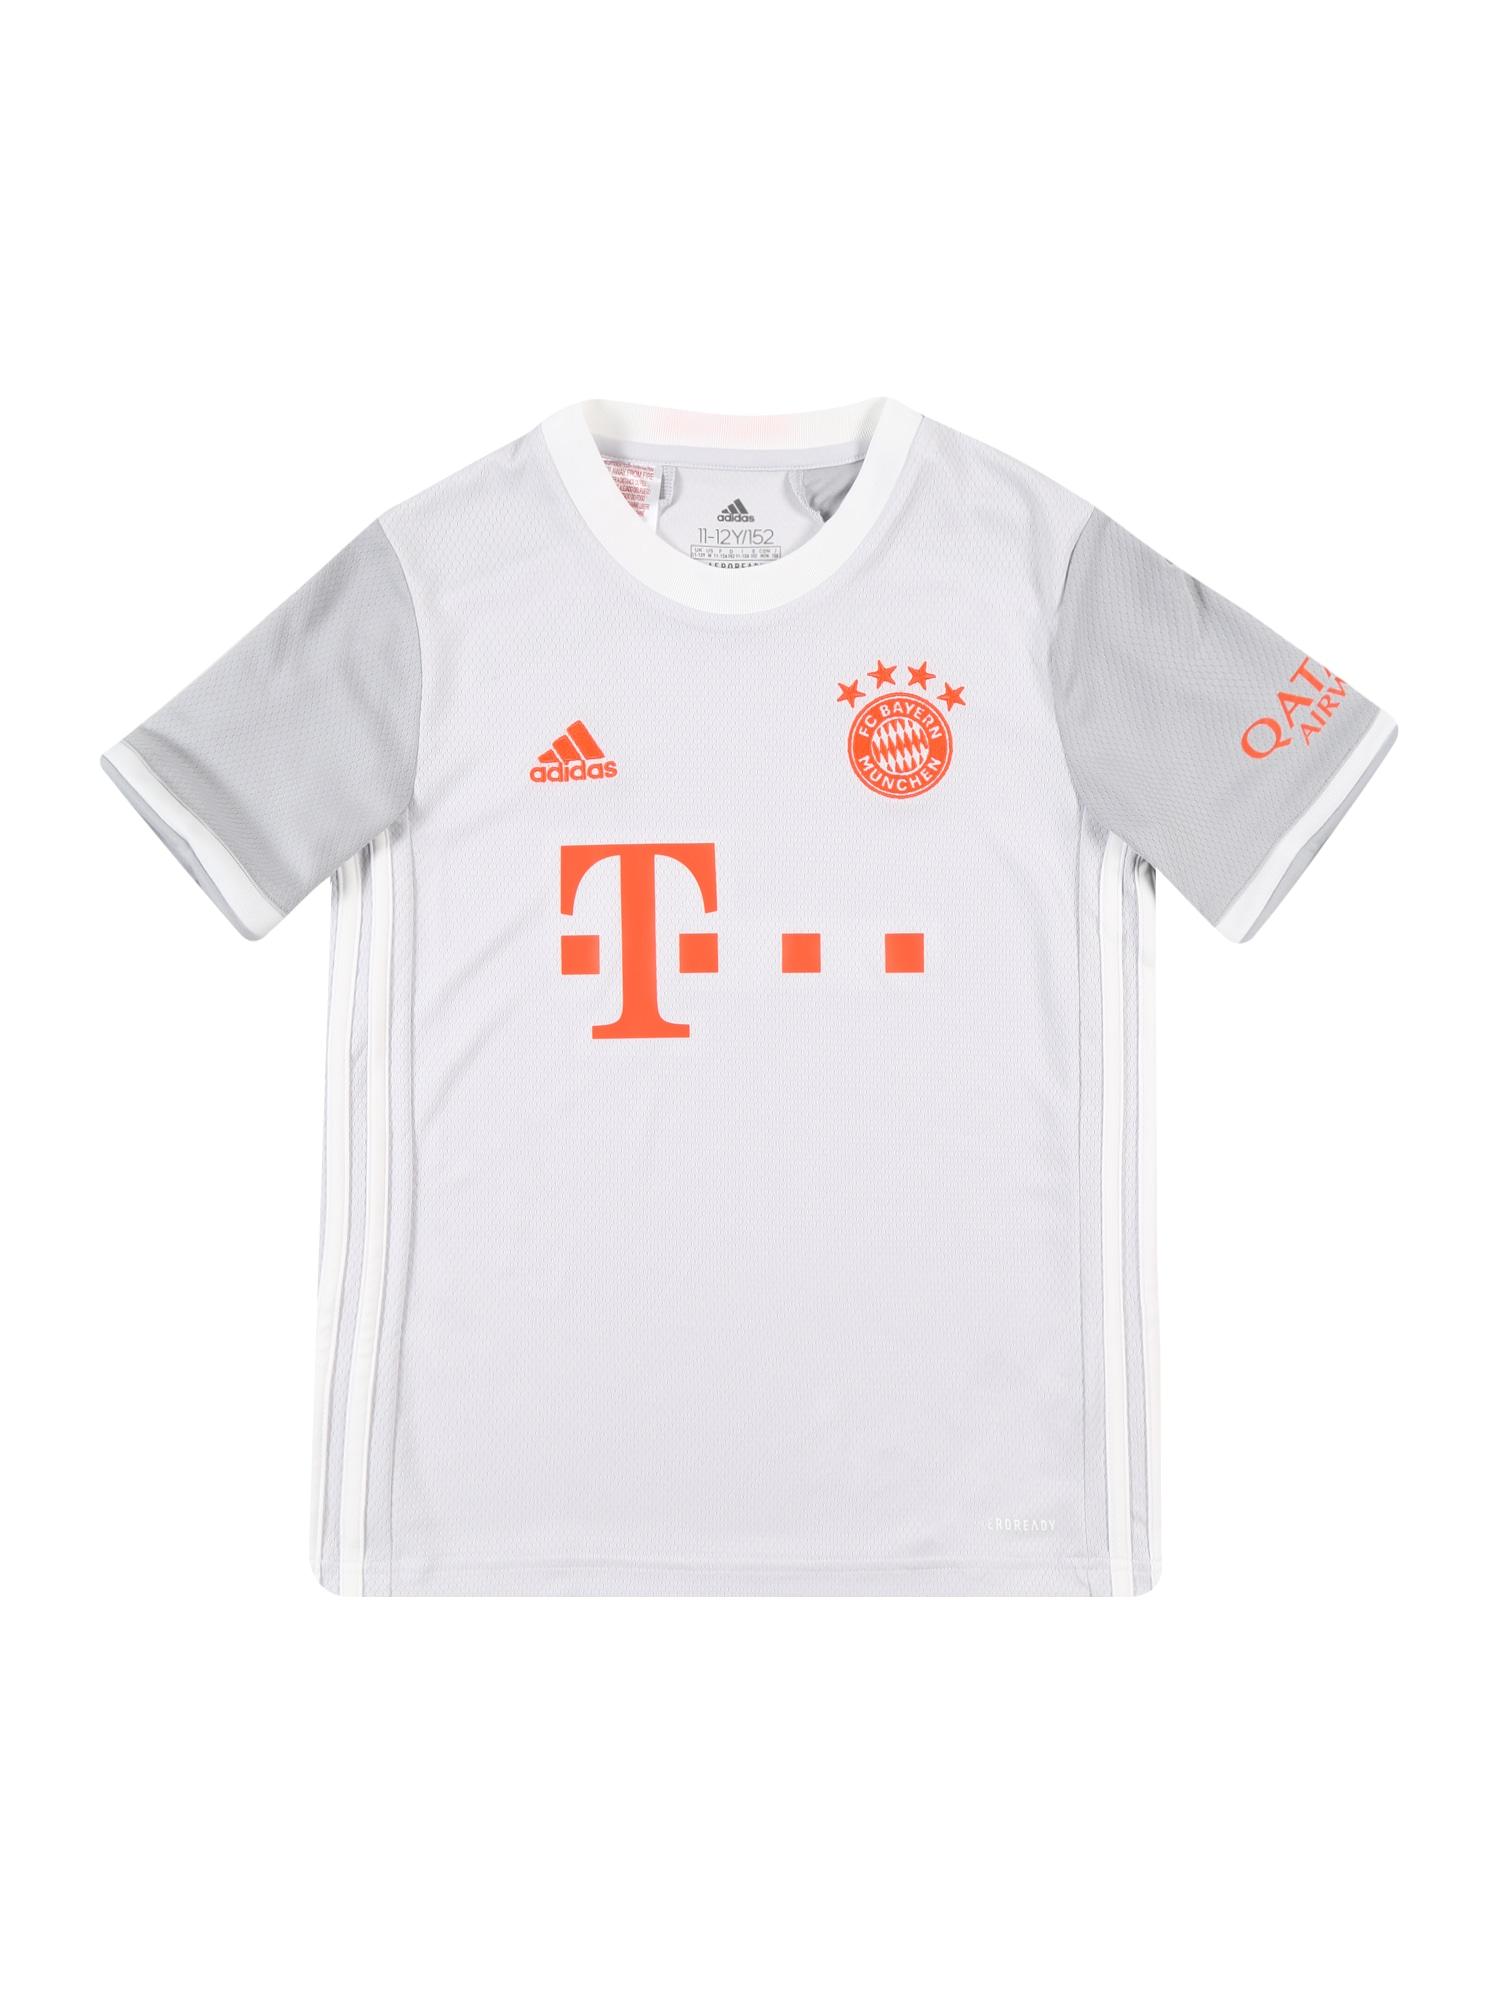 ADIDAS PERFORMANCE Funkční tričko 'FC Bayern 20-21 Auswärts'  světle šedá / šedá / oranžově červená